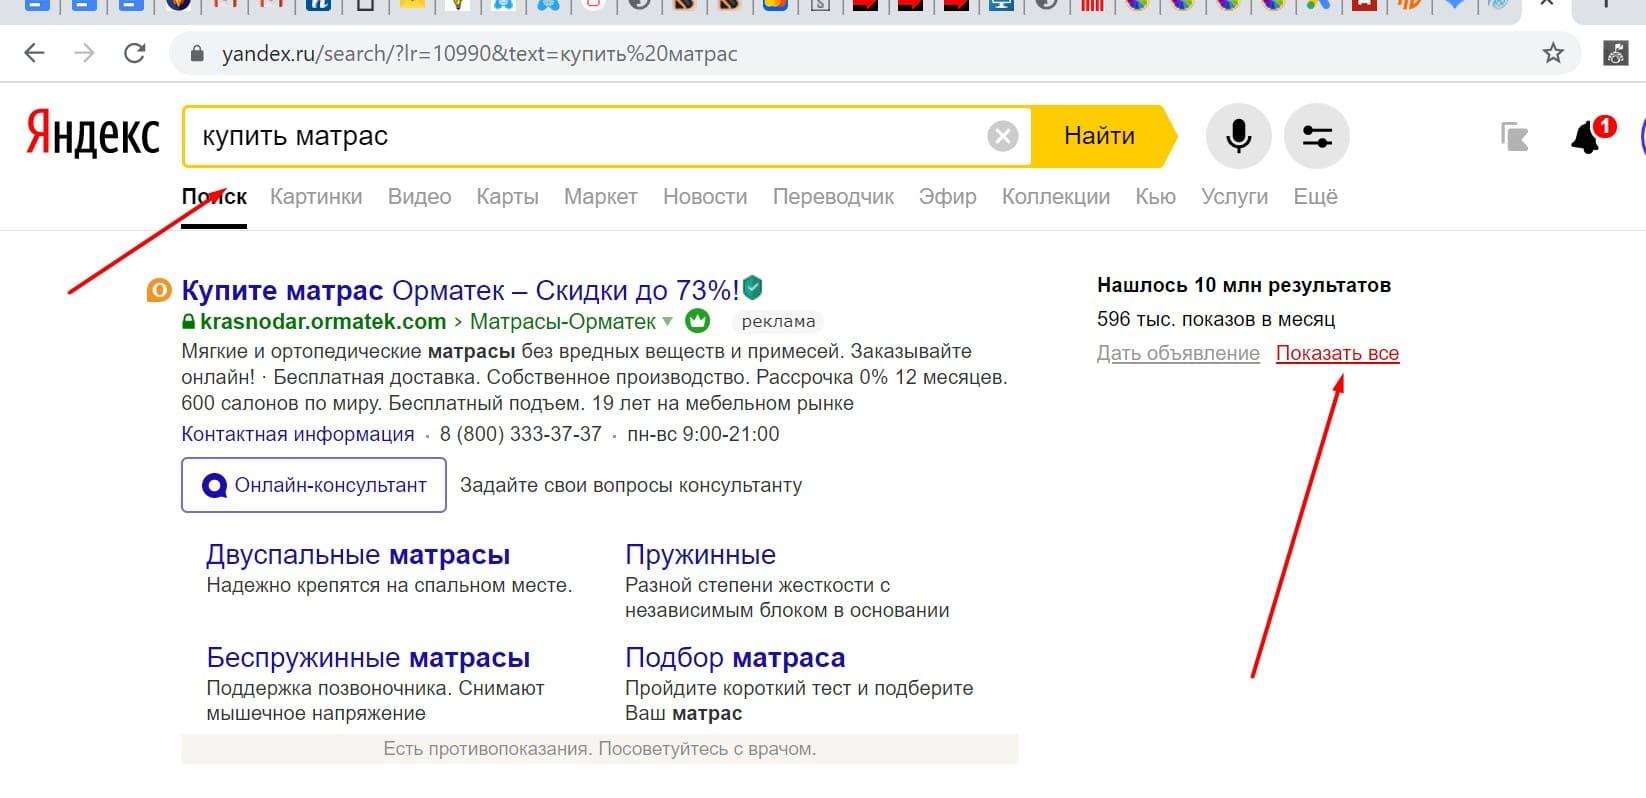 Как настроить Яндекс Директ. Инструкция для рекламодателей.